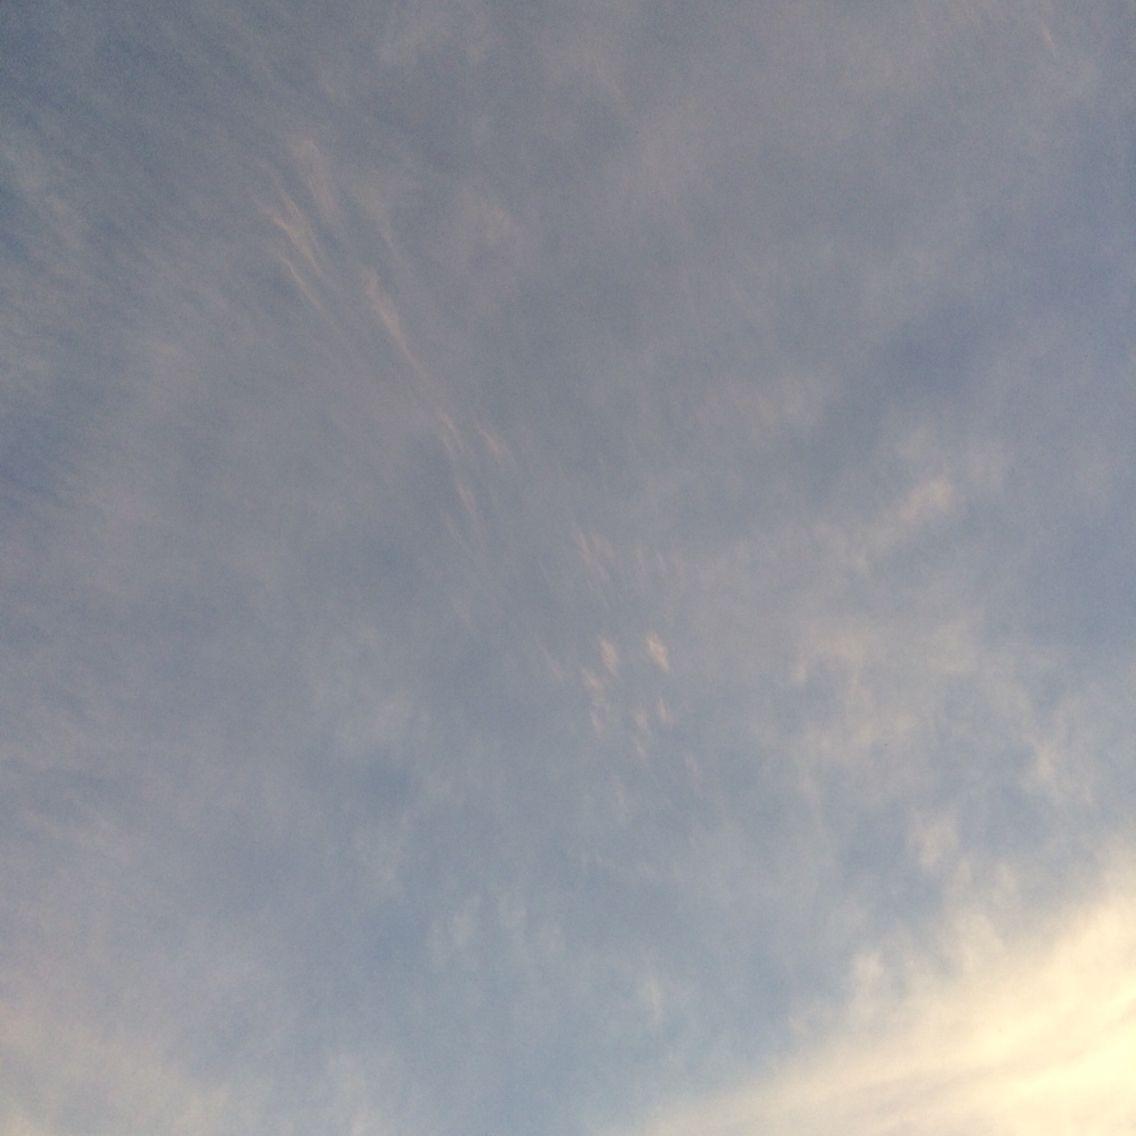 2015년 5월 22일의 하늘